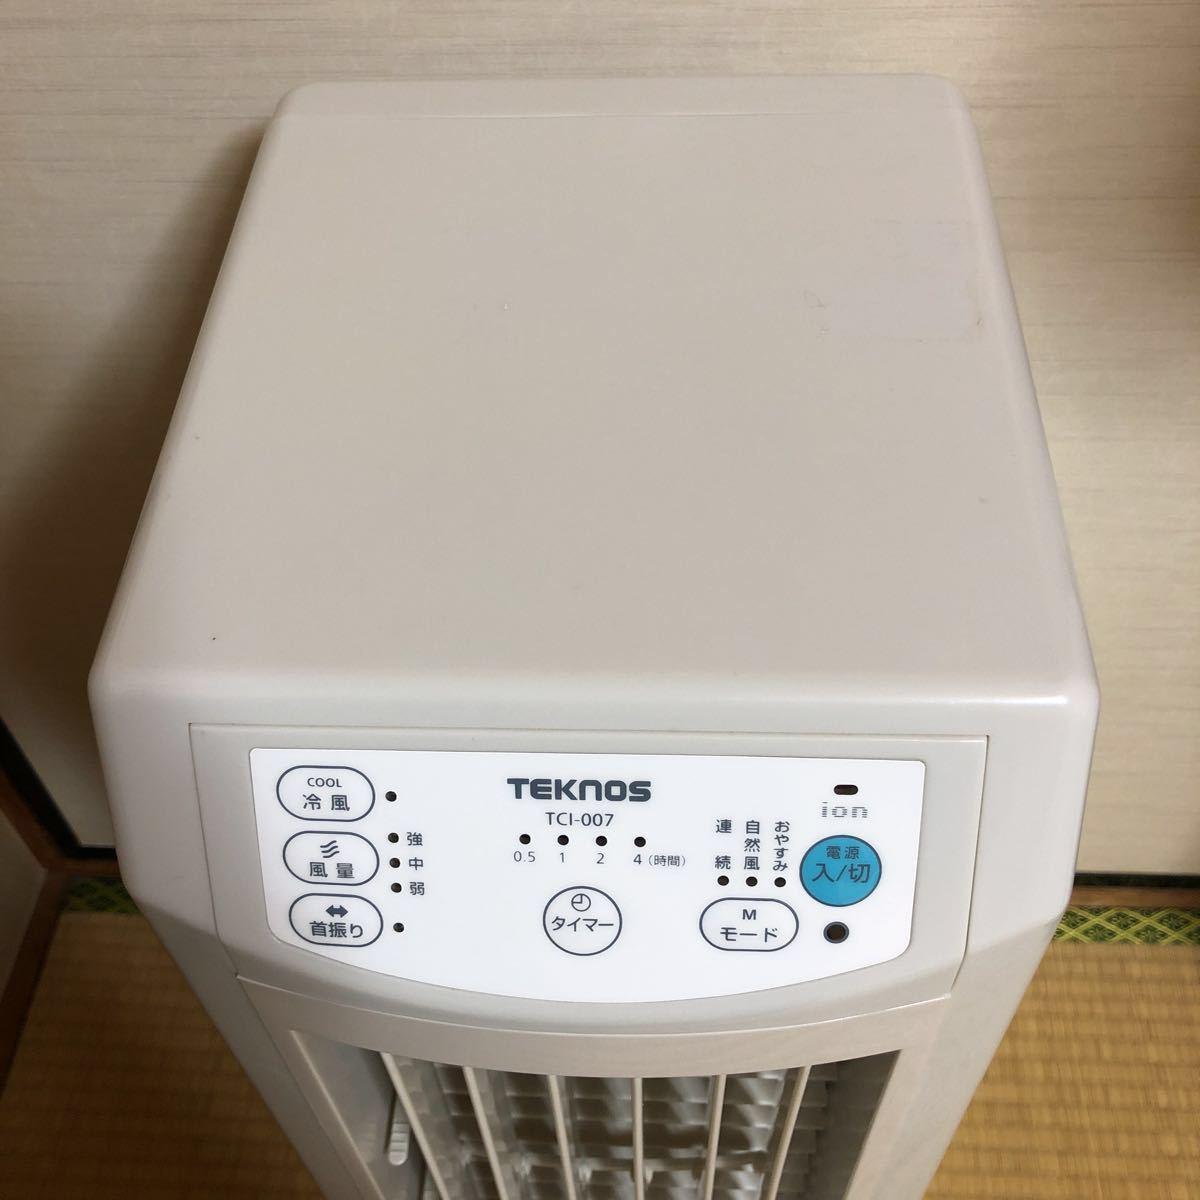 TEKNOS 冷風扇 体に優しい自然な涼風 イオン搭載 タイマー付 リモコン付 風量3段階 TCI-007_画像2